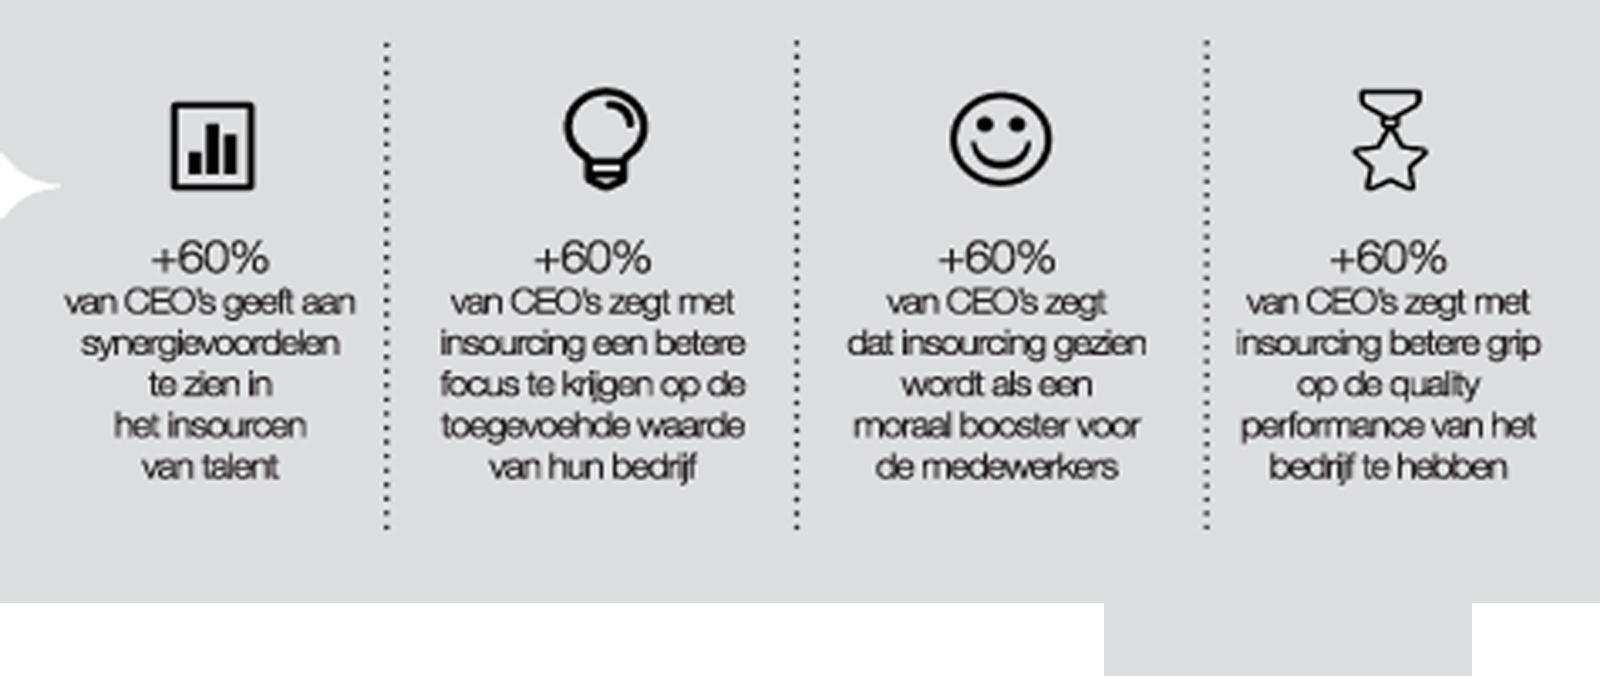 zomerinhuis.nlcommunicatie+score_insourcing